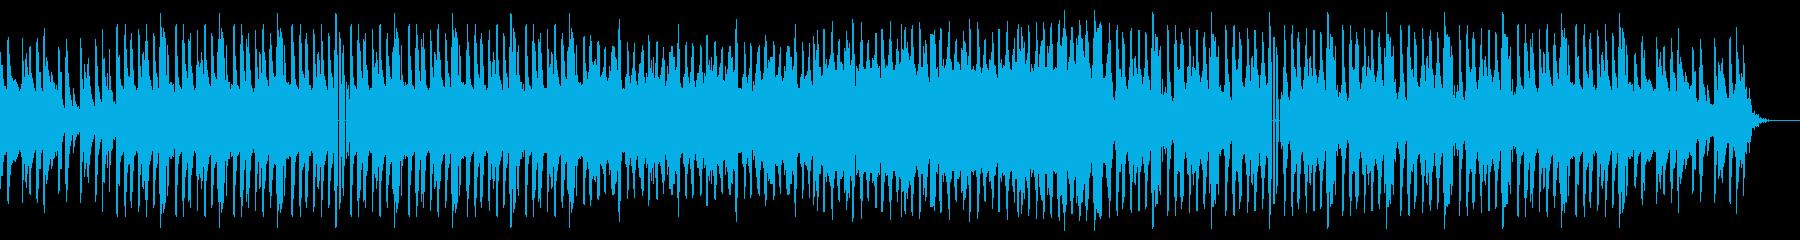 優しいピアノのゆったりビートの再生済みの波形